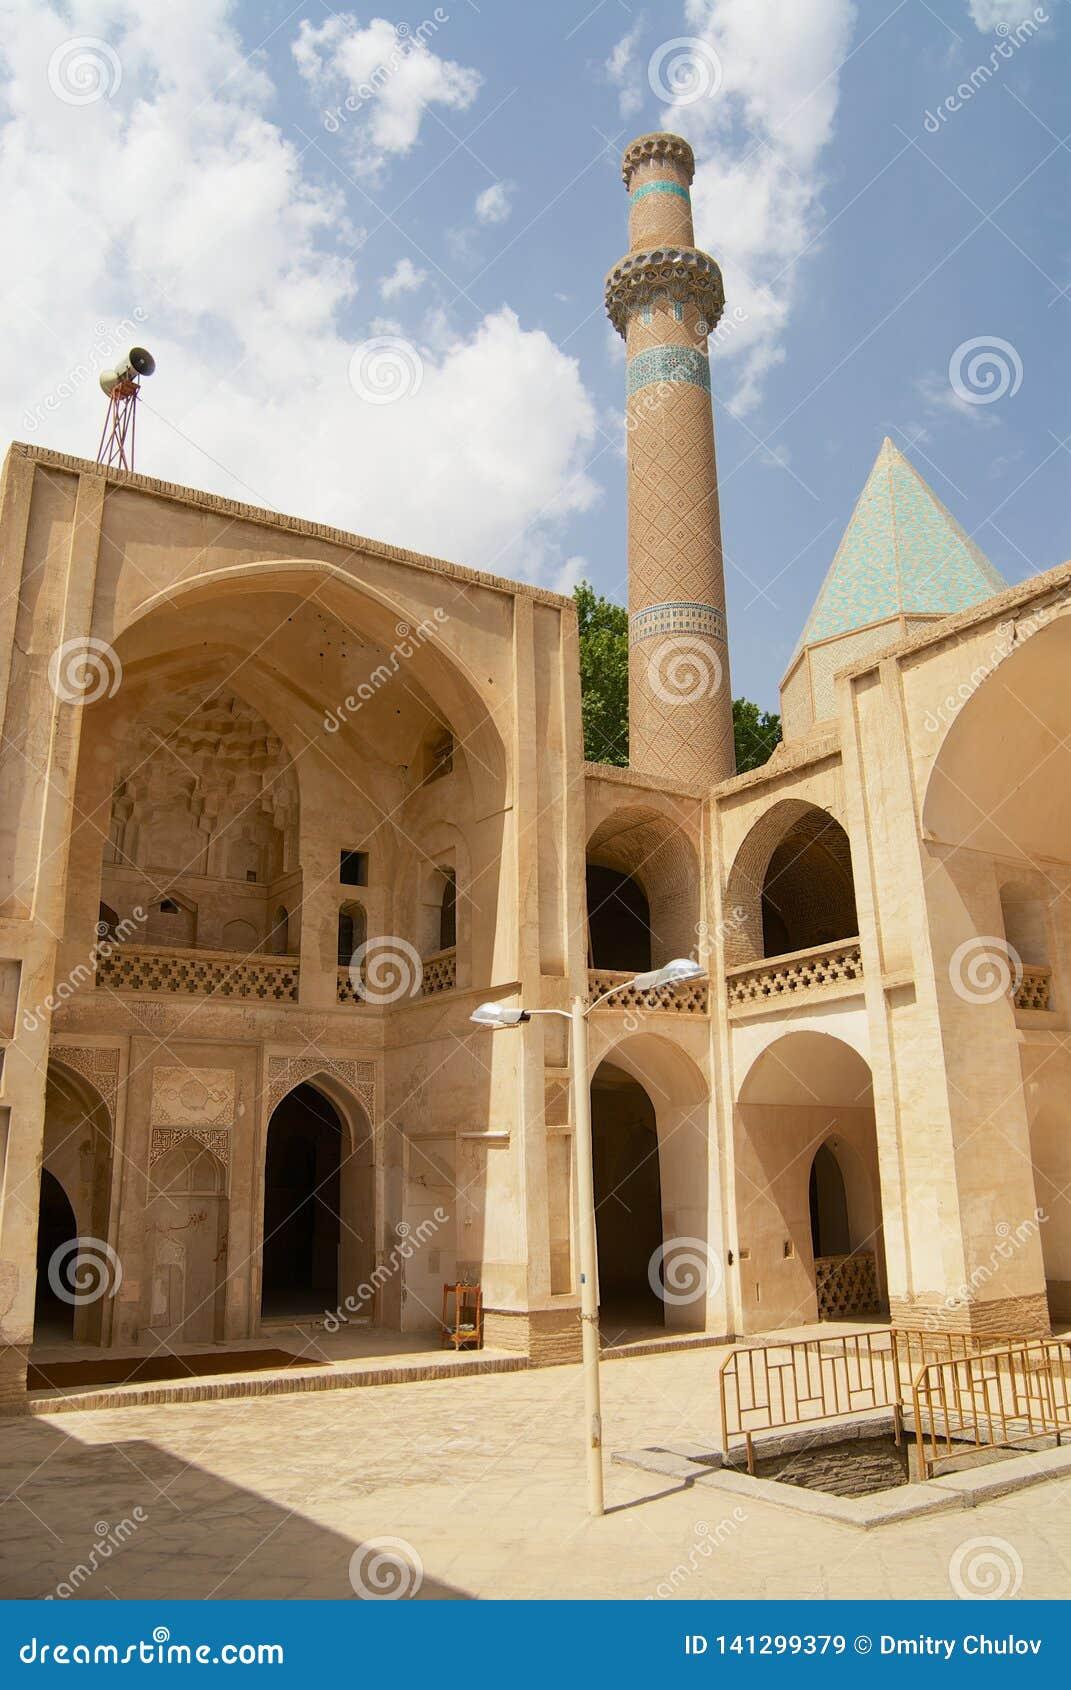 Yarda y alminar interiores de la mezquita en Natanz, Irán